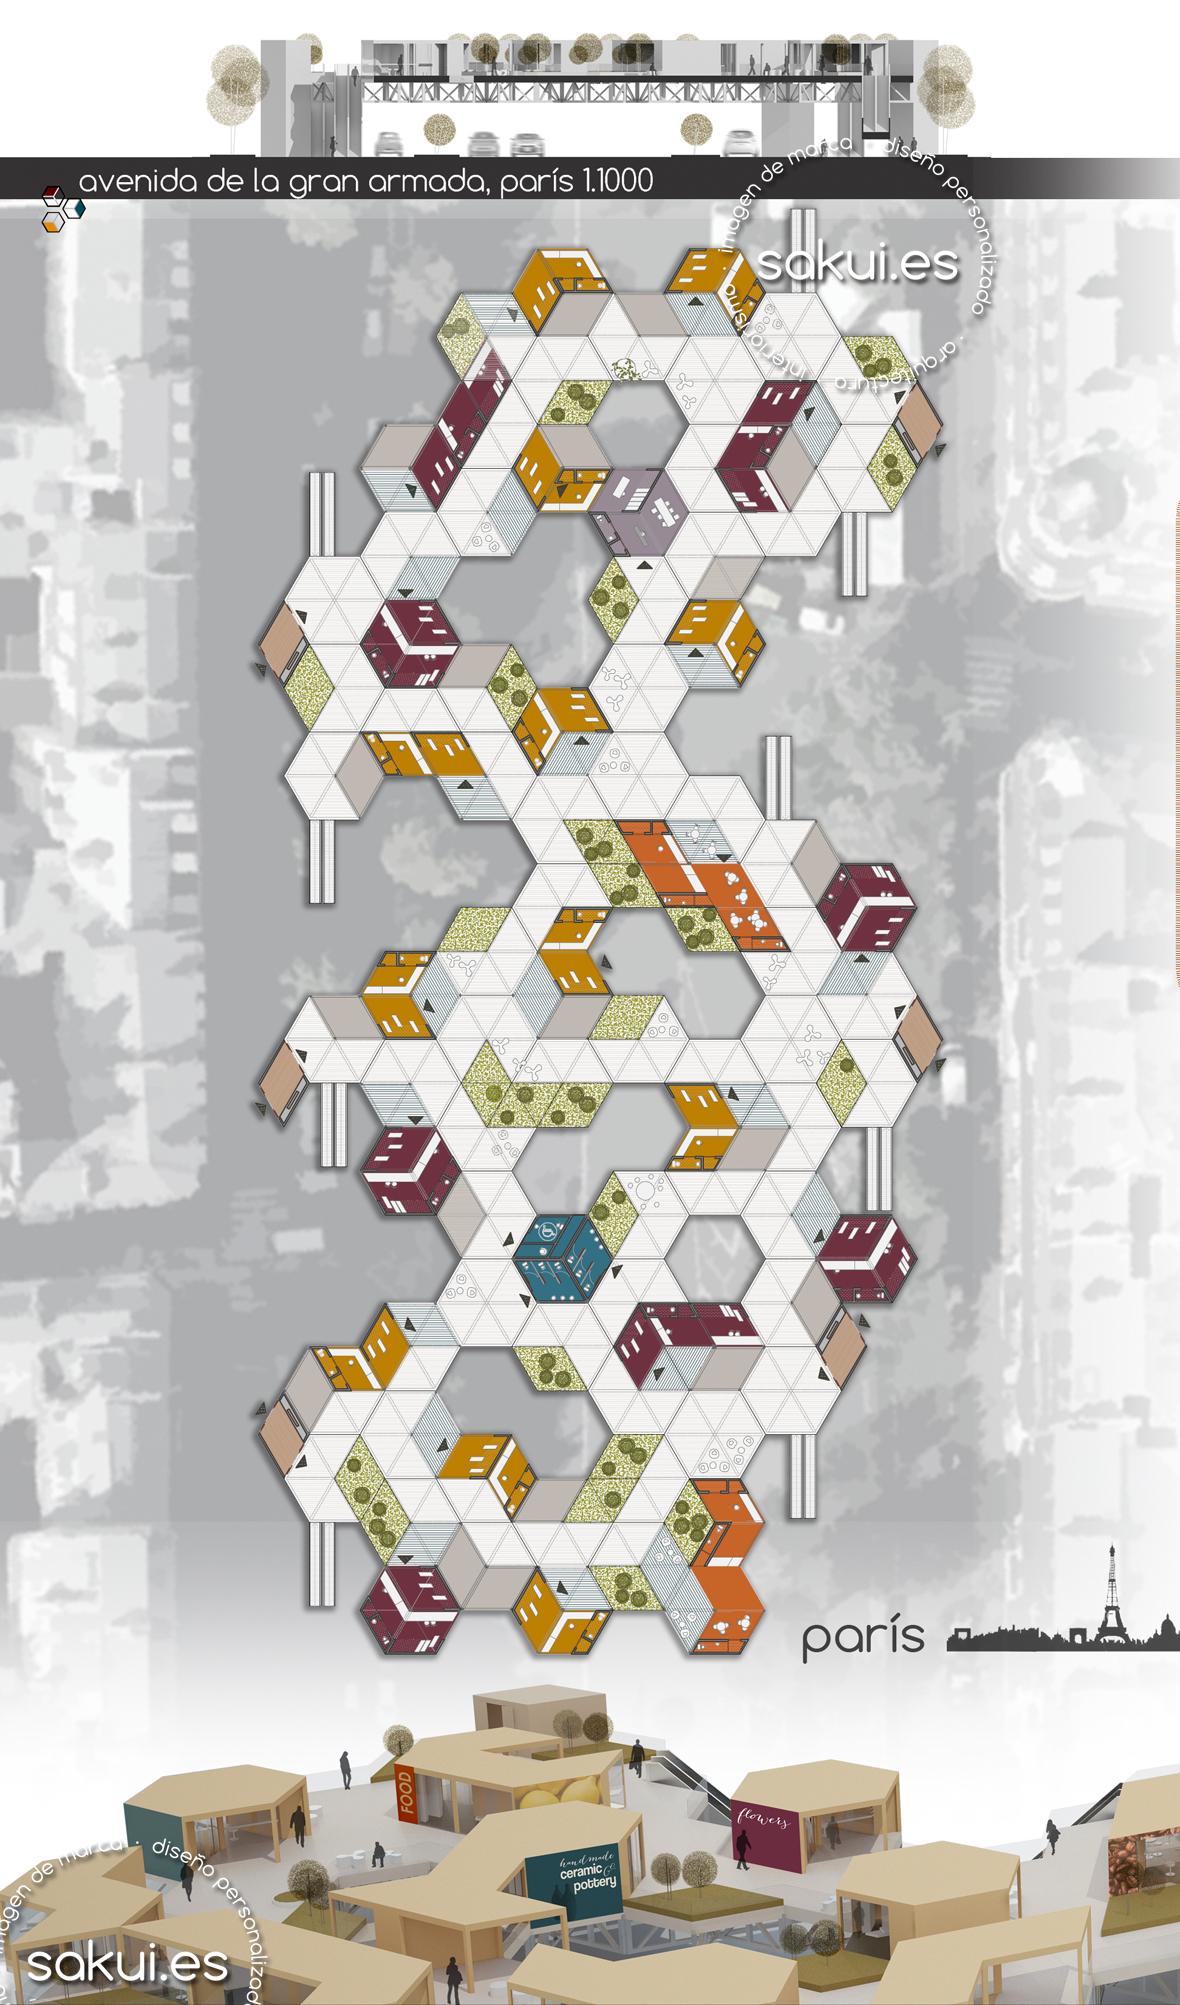 Planta y vista de la propuesta en París.